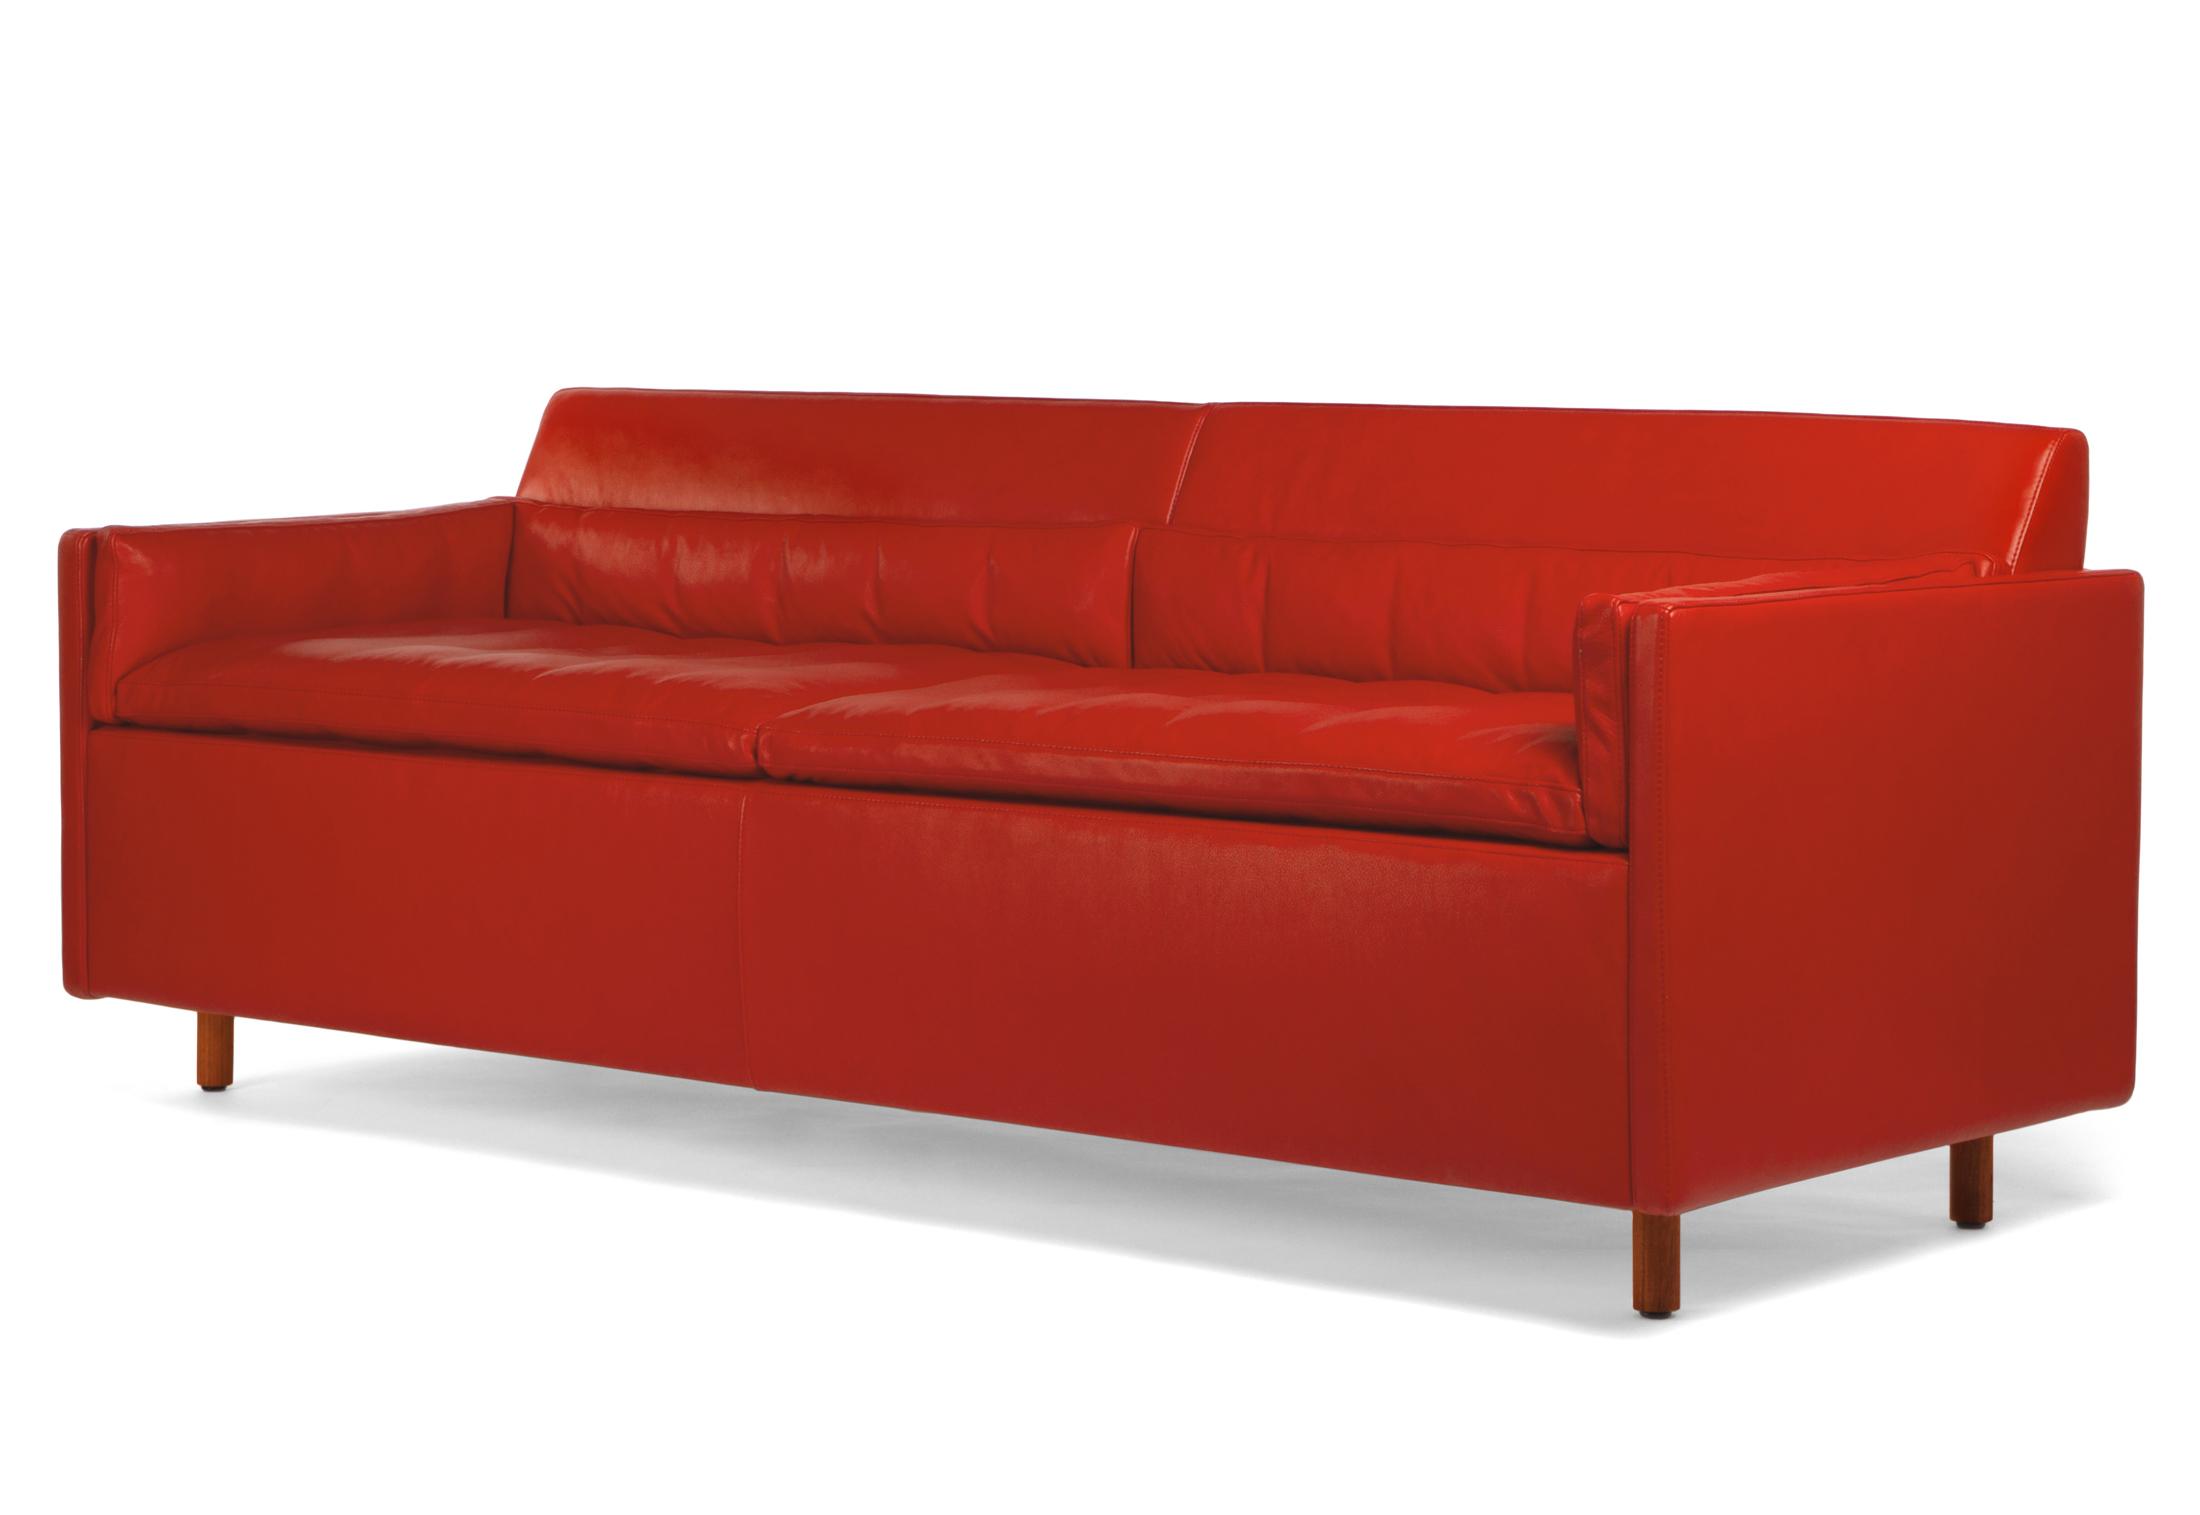 Cb 563 Salon Sofa By Bamfellows